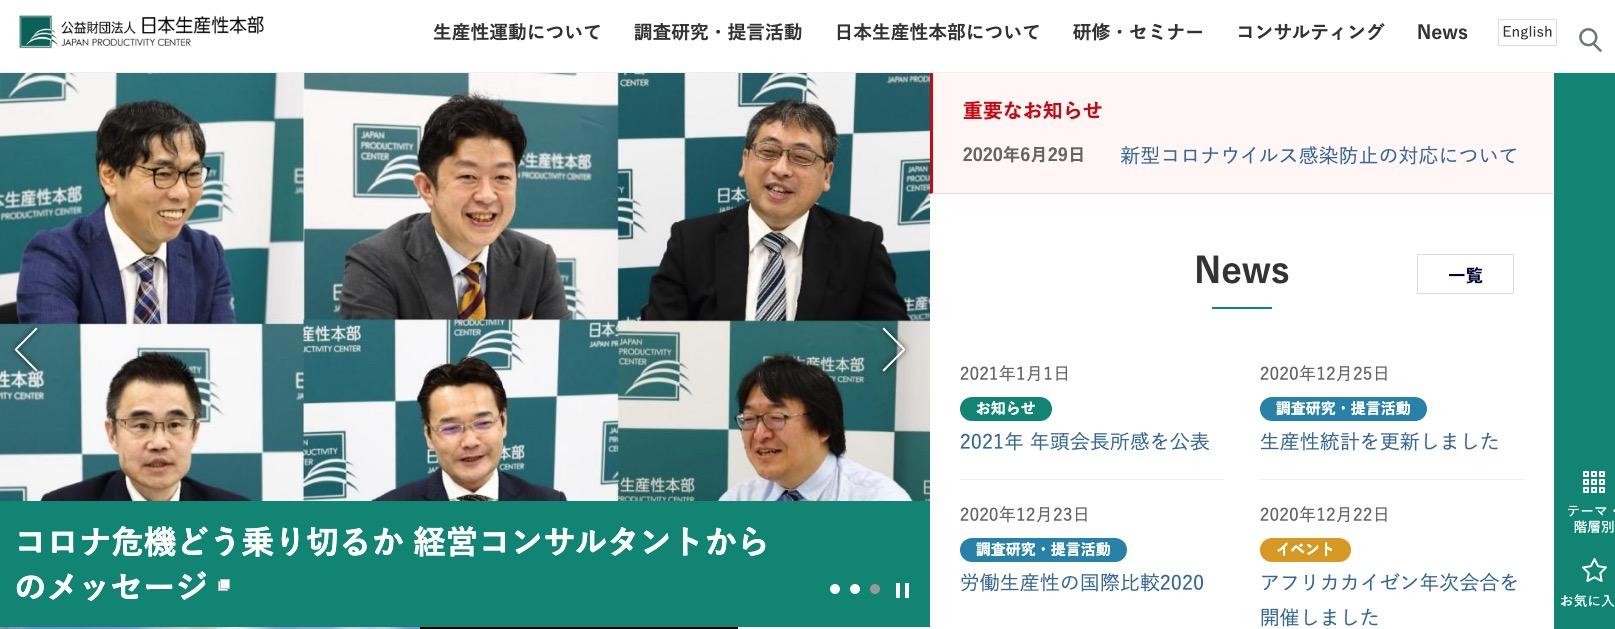 公益財団法人 日本生産本部